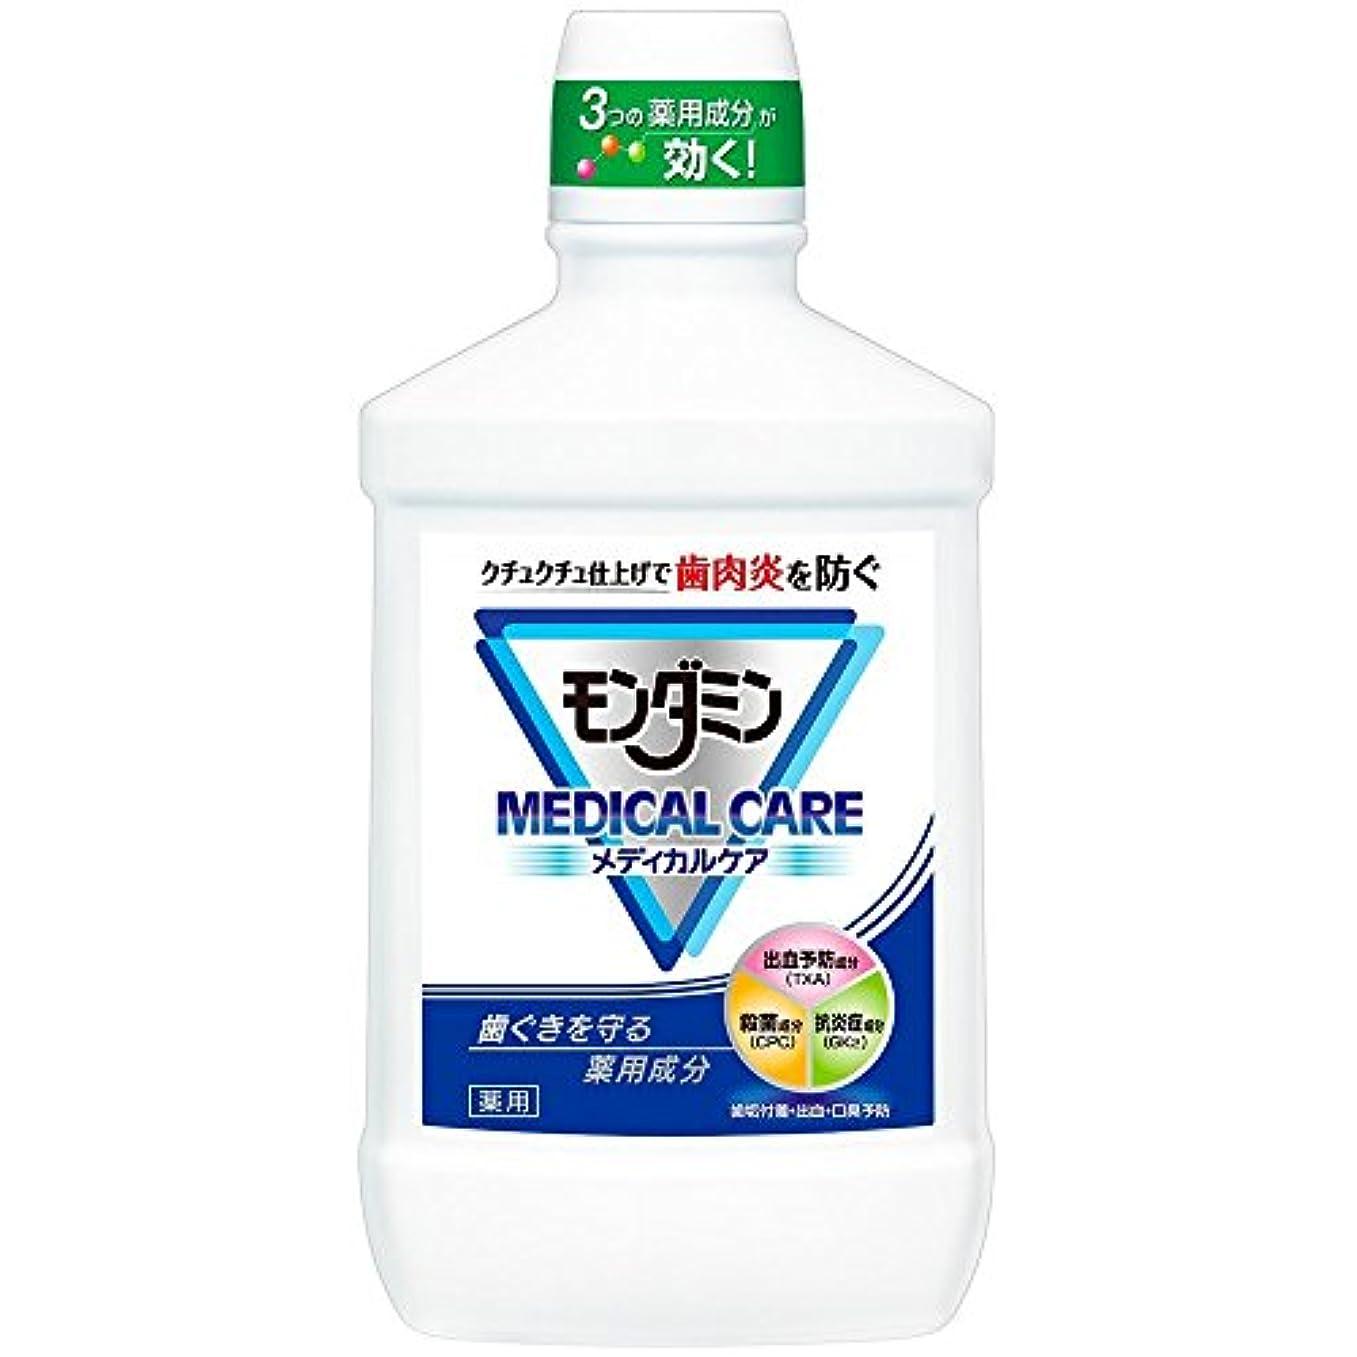 窒素マットパーツ【アース製薬】モンダミン メディカルケア 1000ml ×5個セット